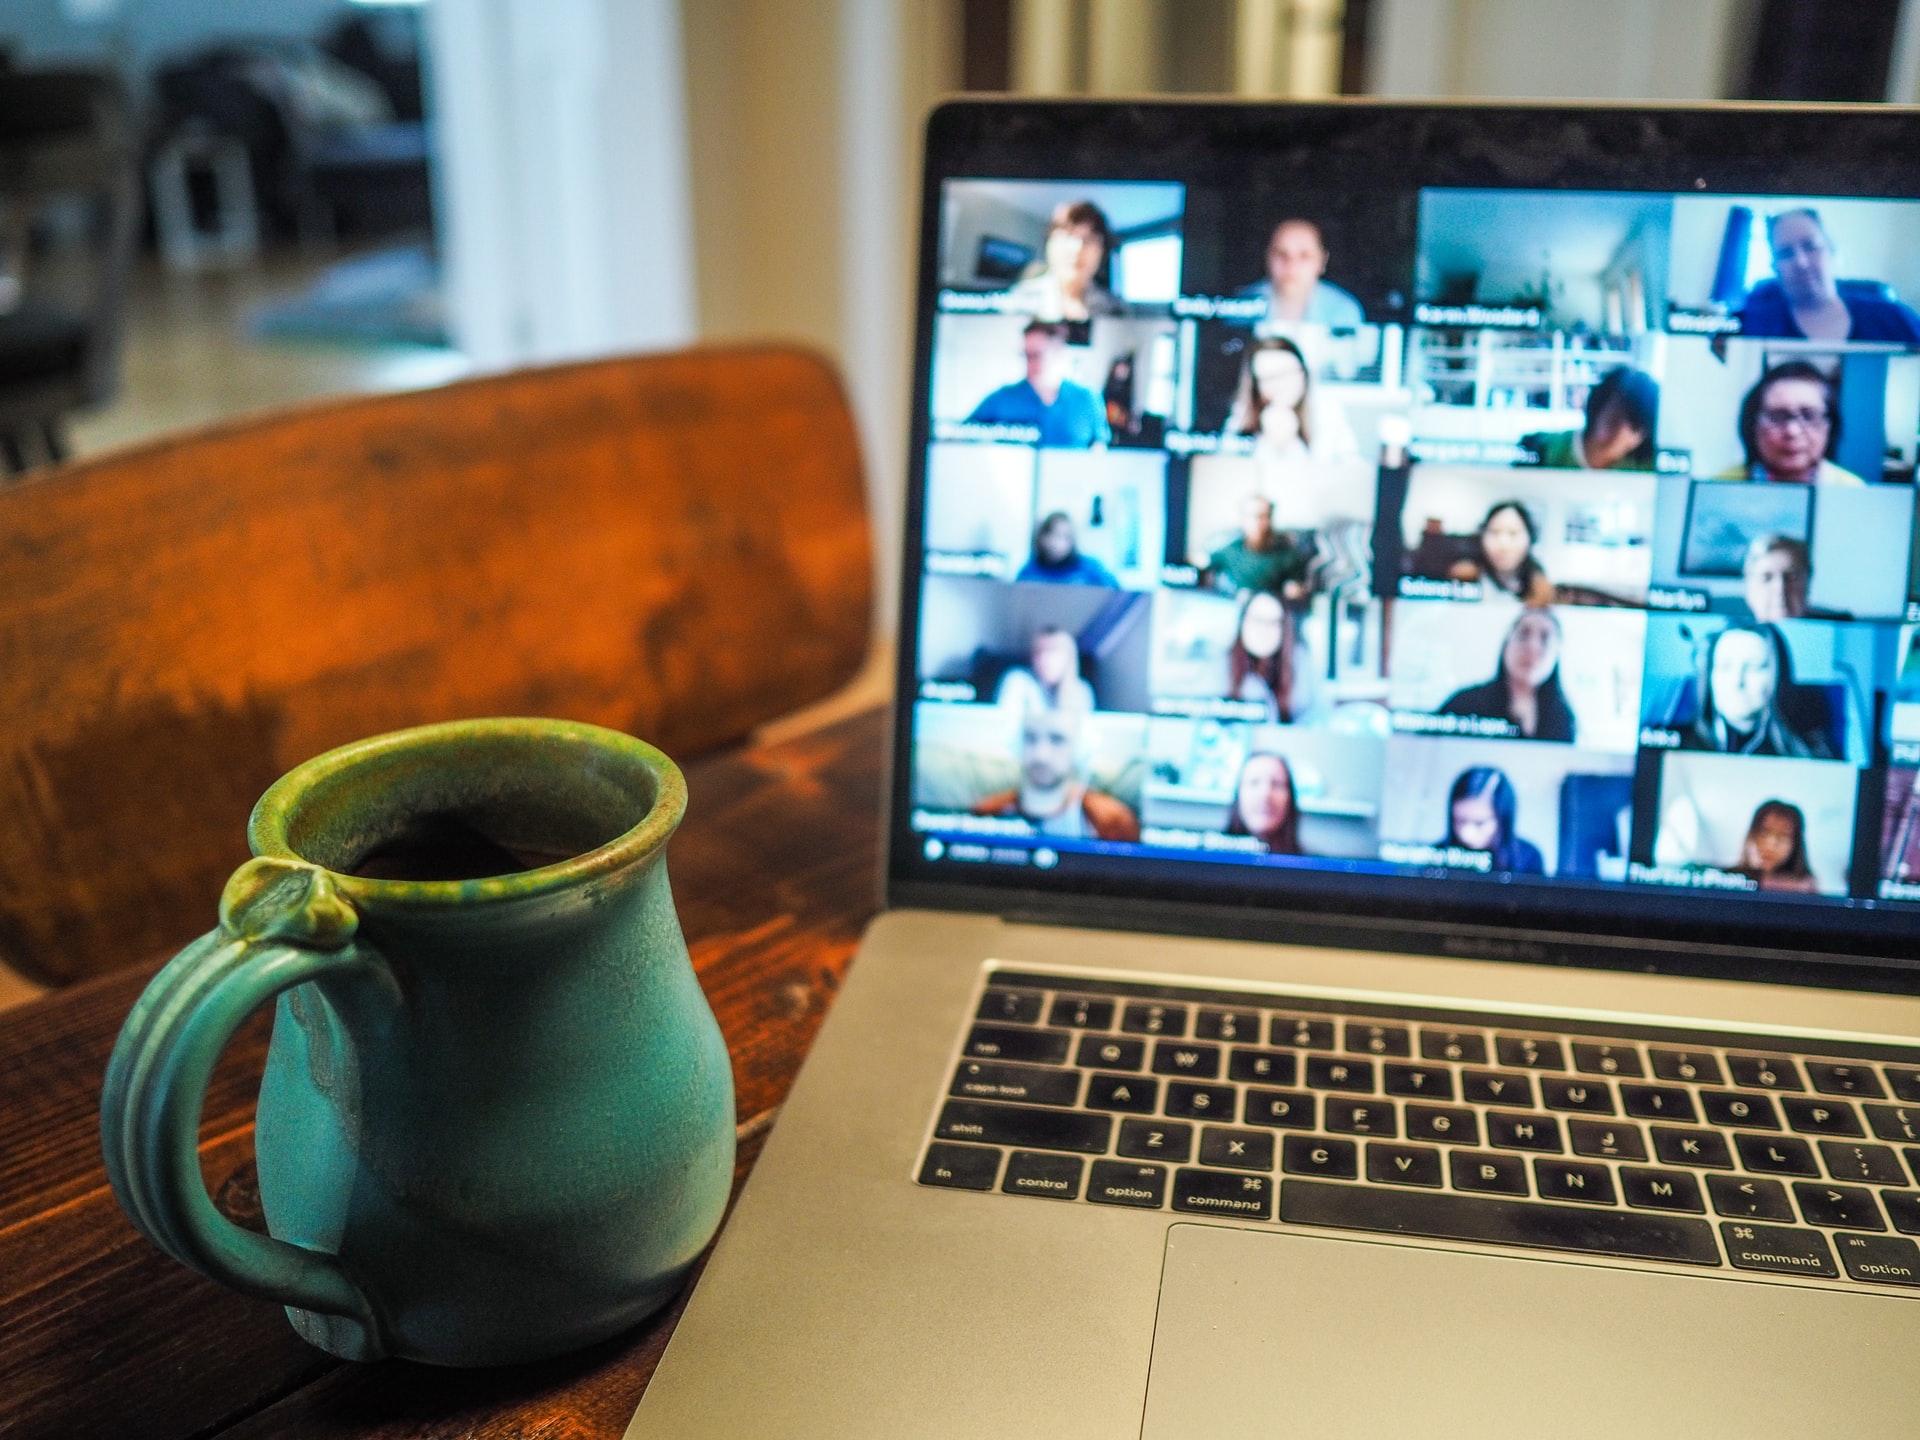 Tela de notebook com reuniões online.